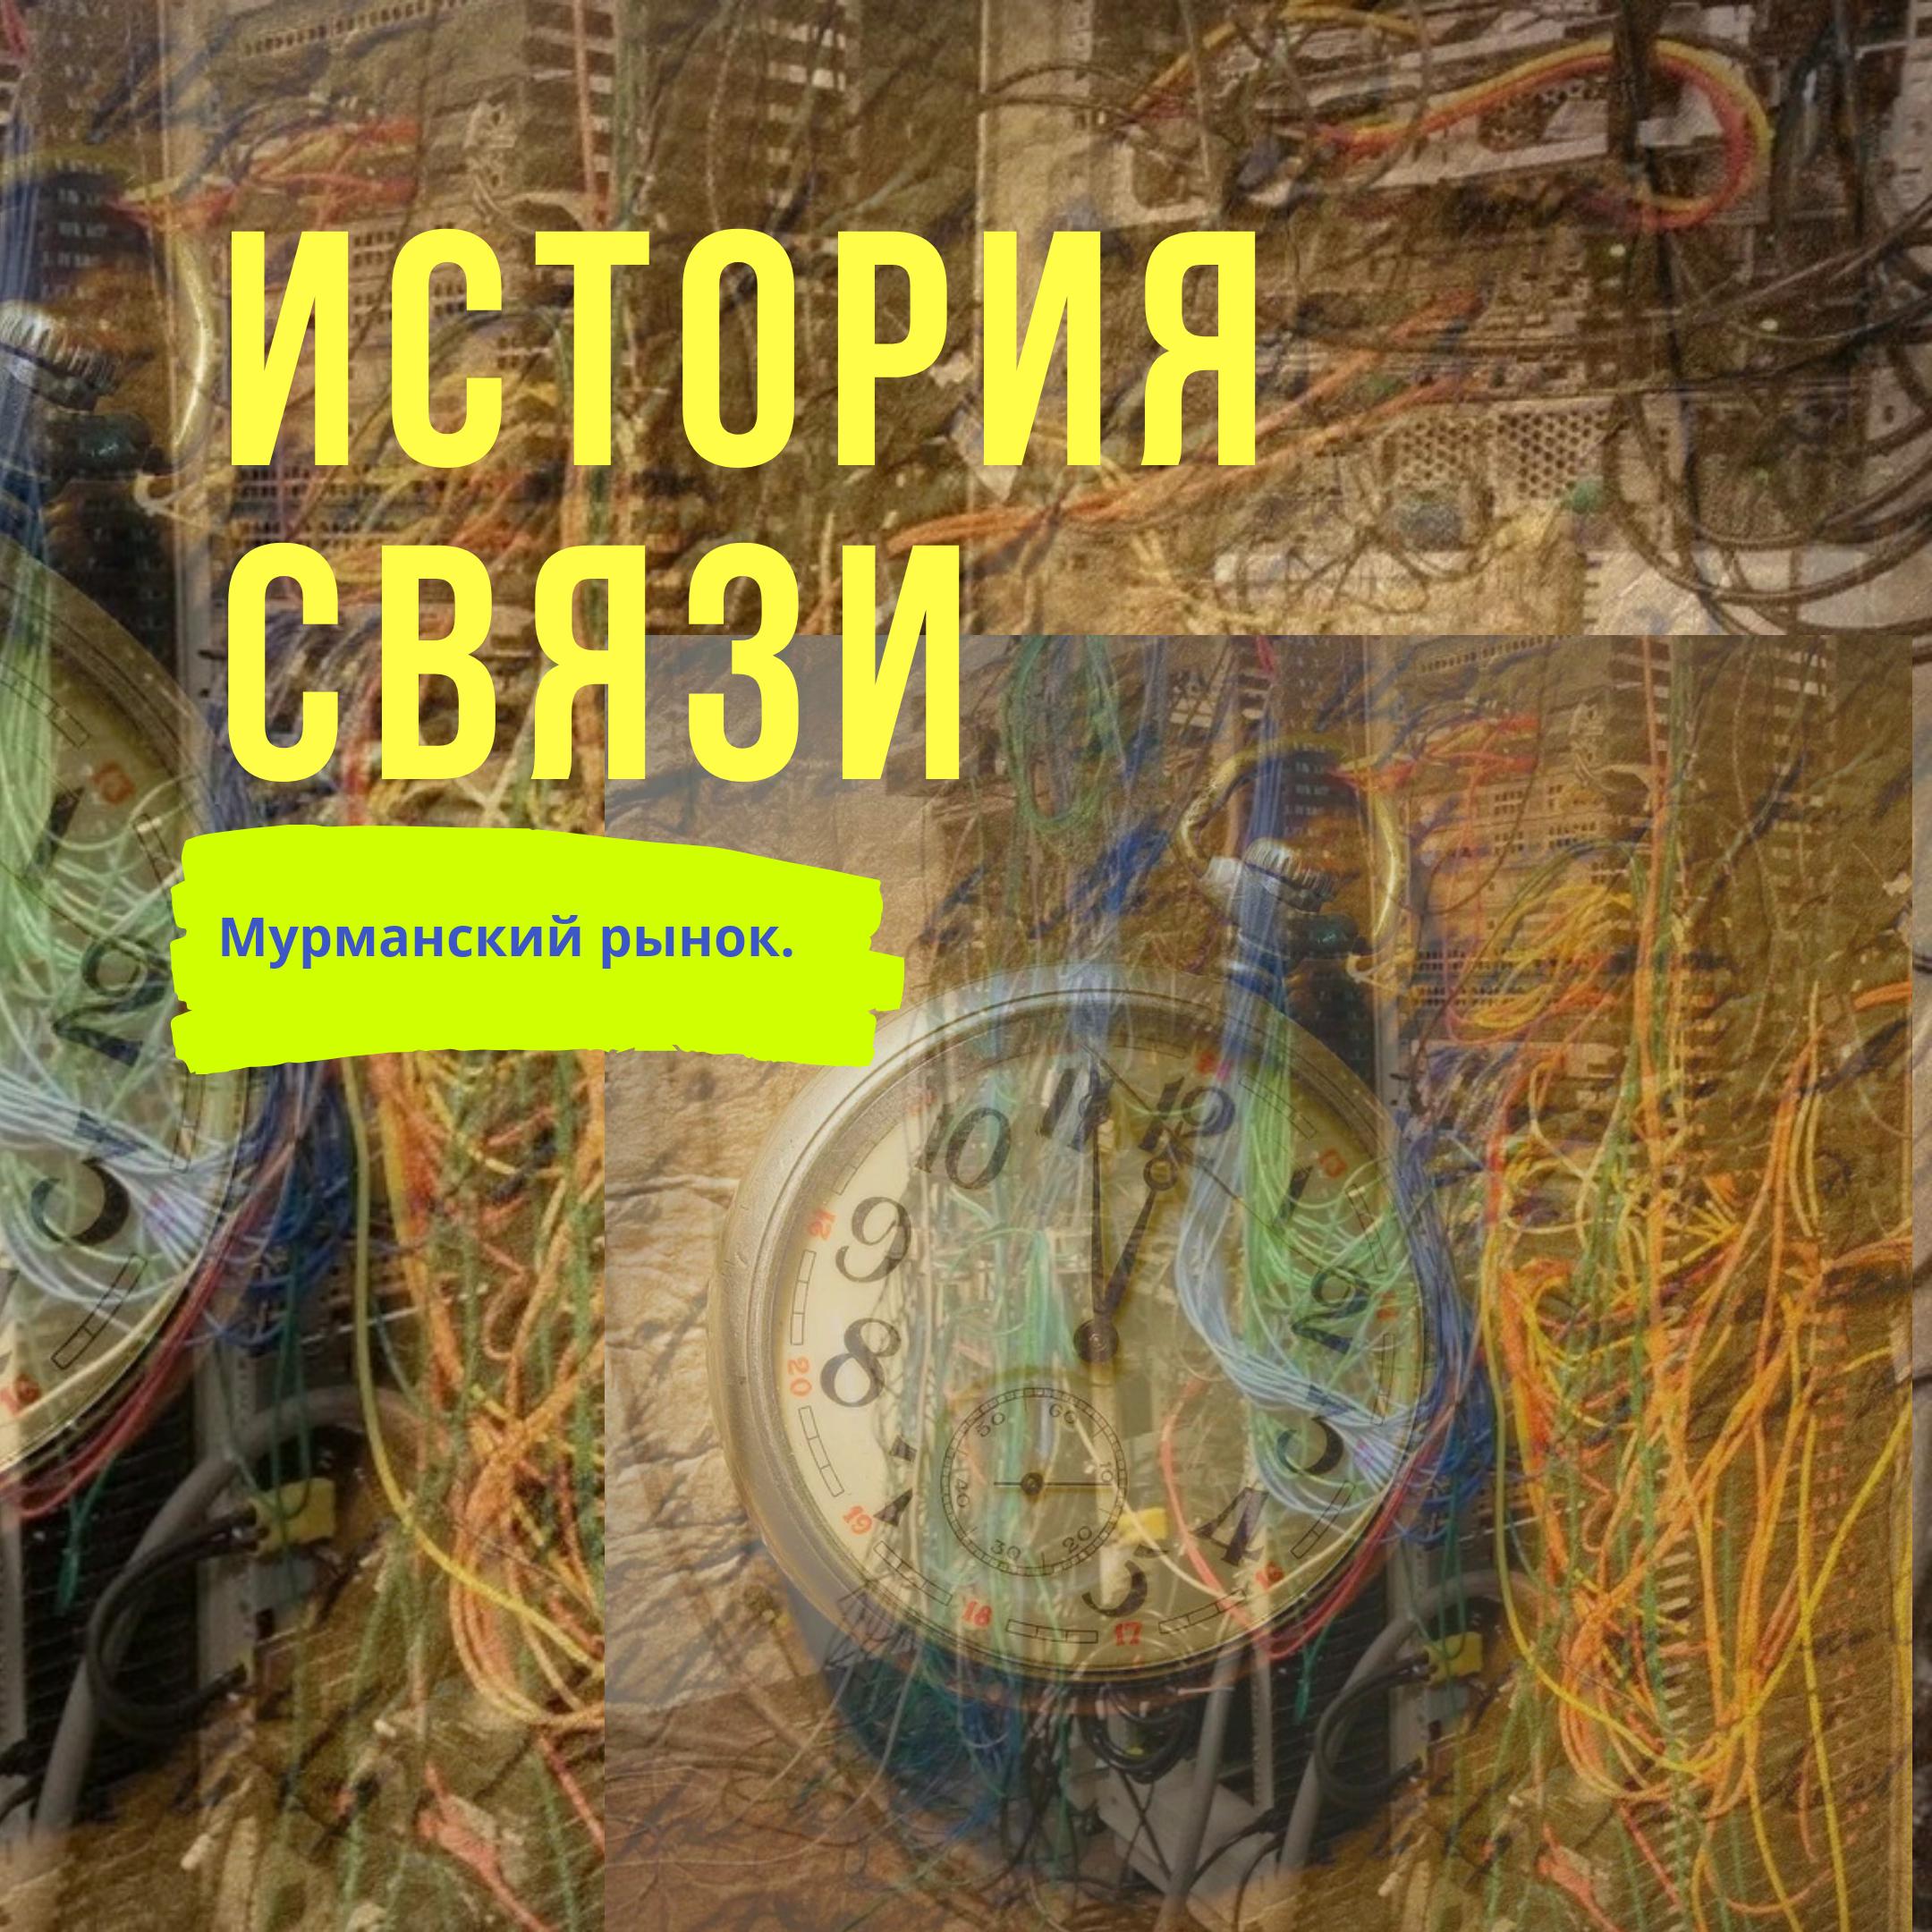 Какие операторы связи были в Мурманске? 1